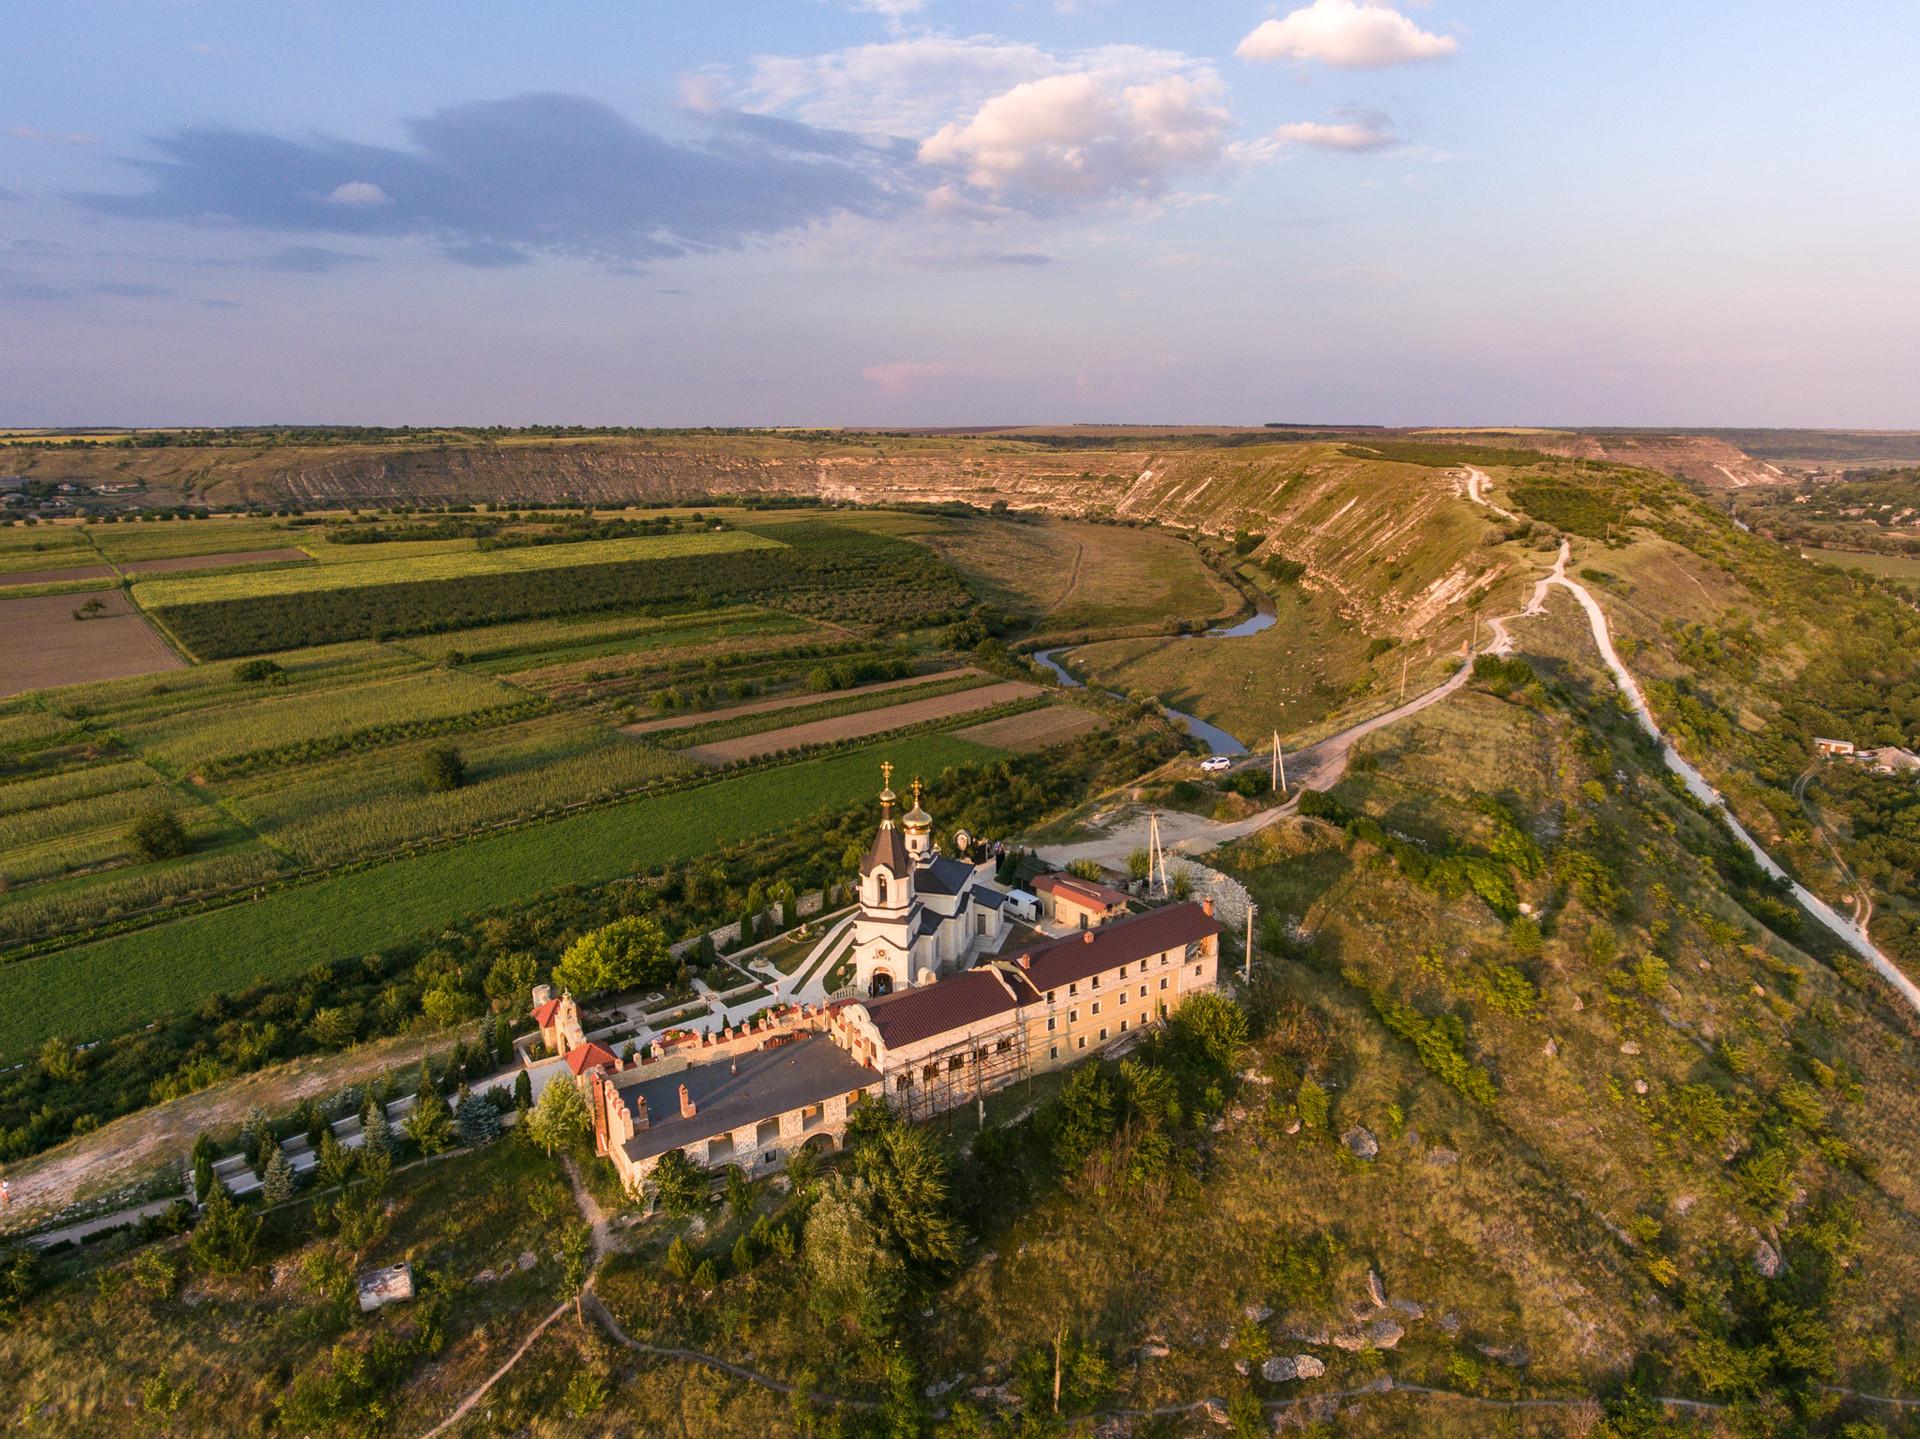 Церква на горі, село Старий Орхей, Молдова.